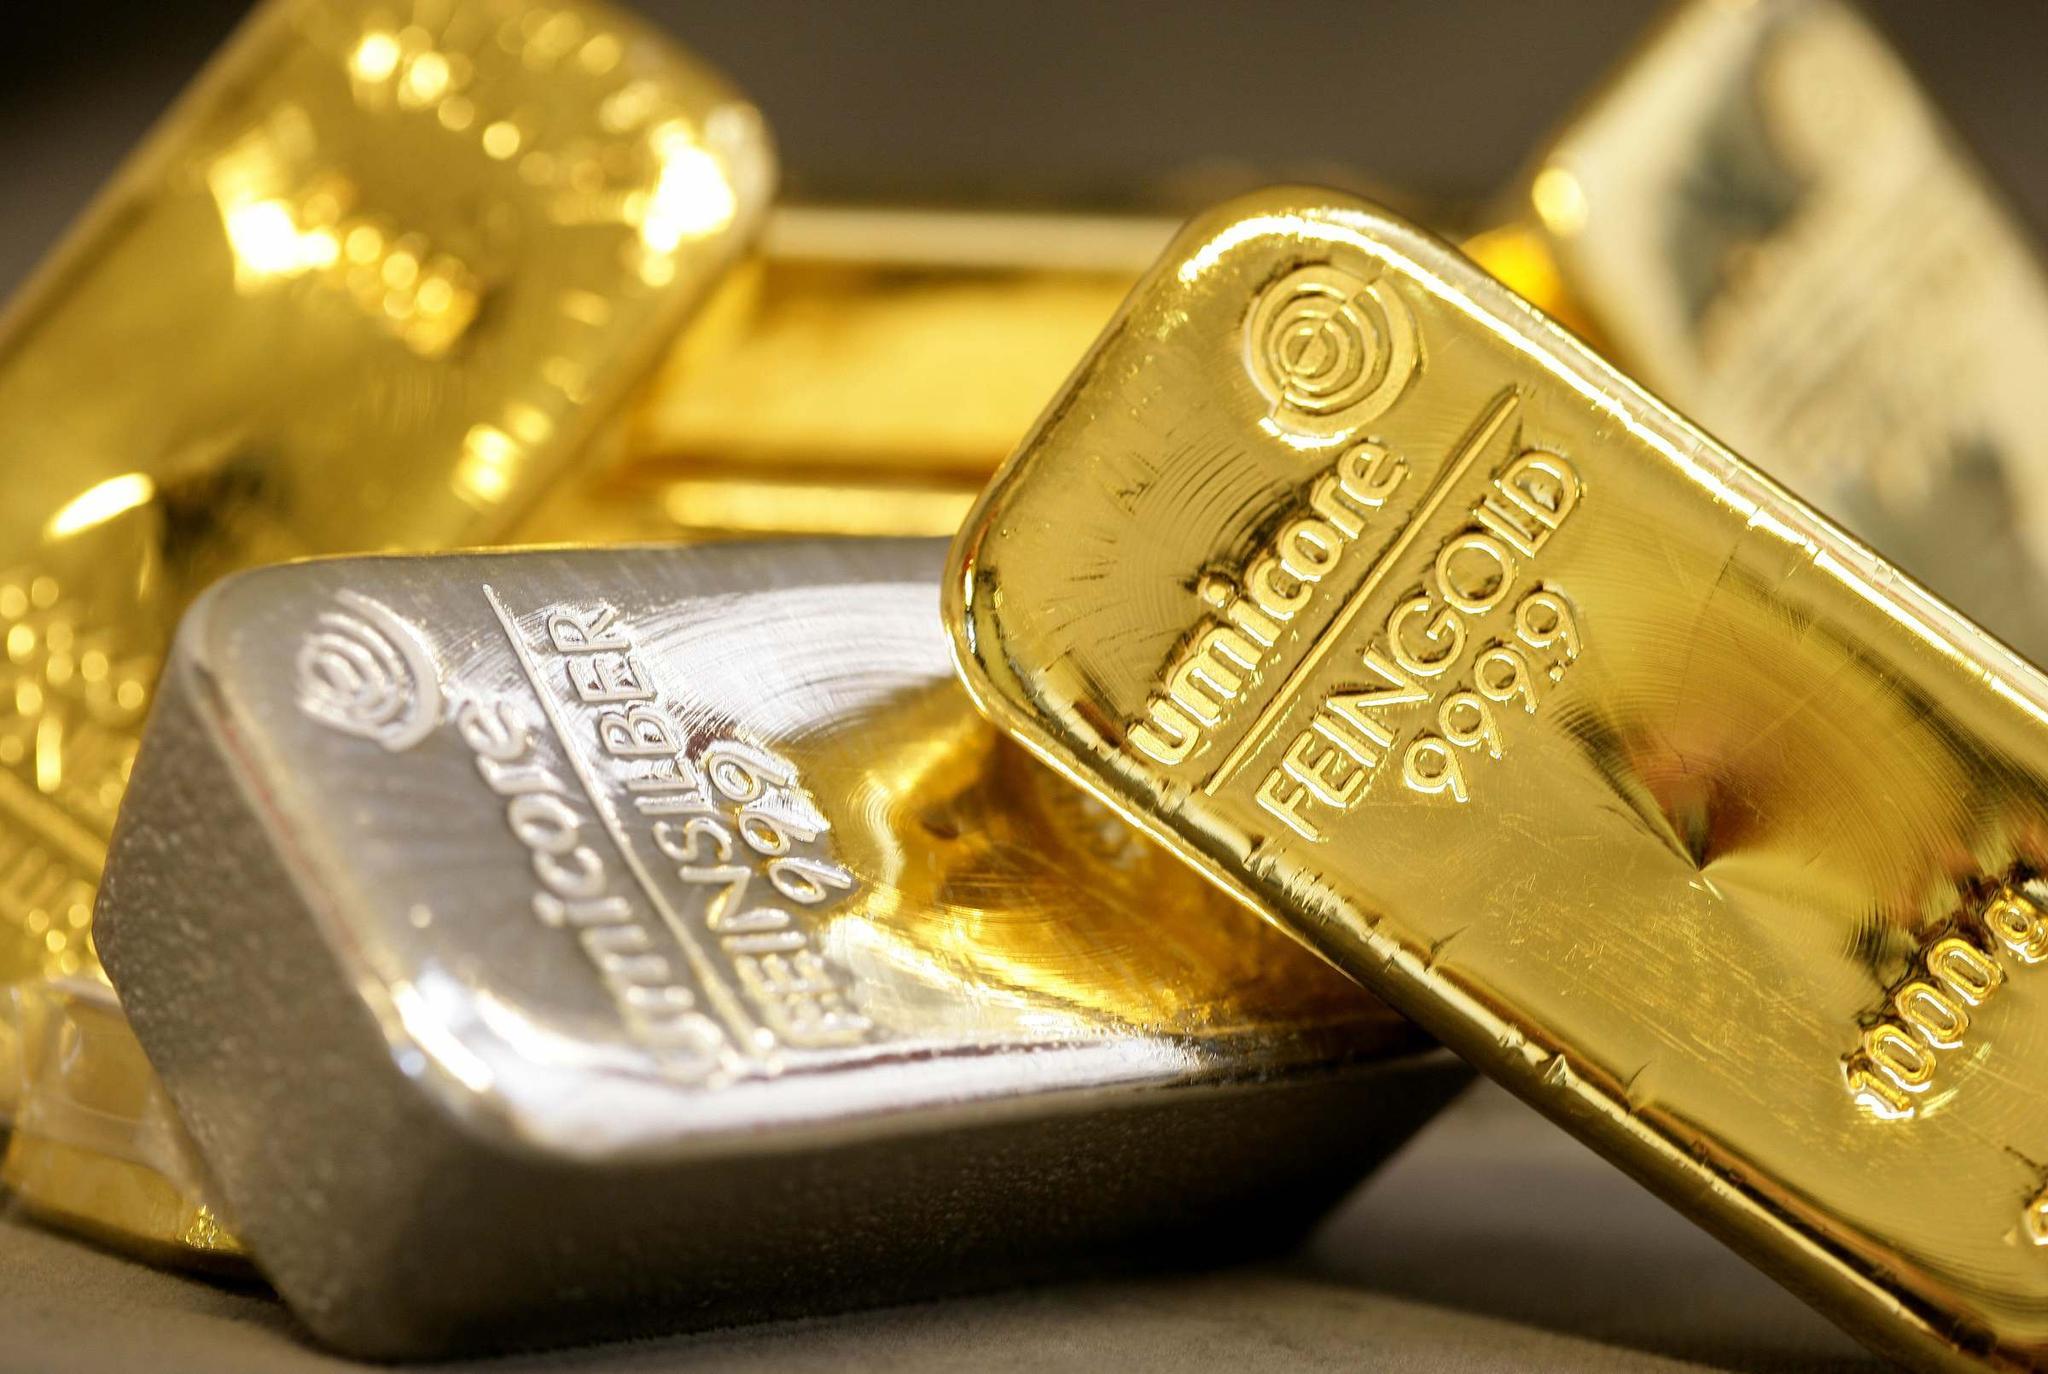 技术指标显示:贵金属市场正处于关键转折点|黄金股